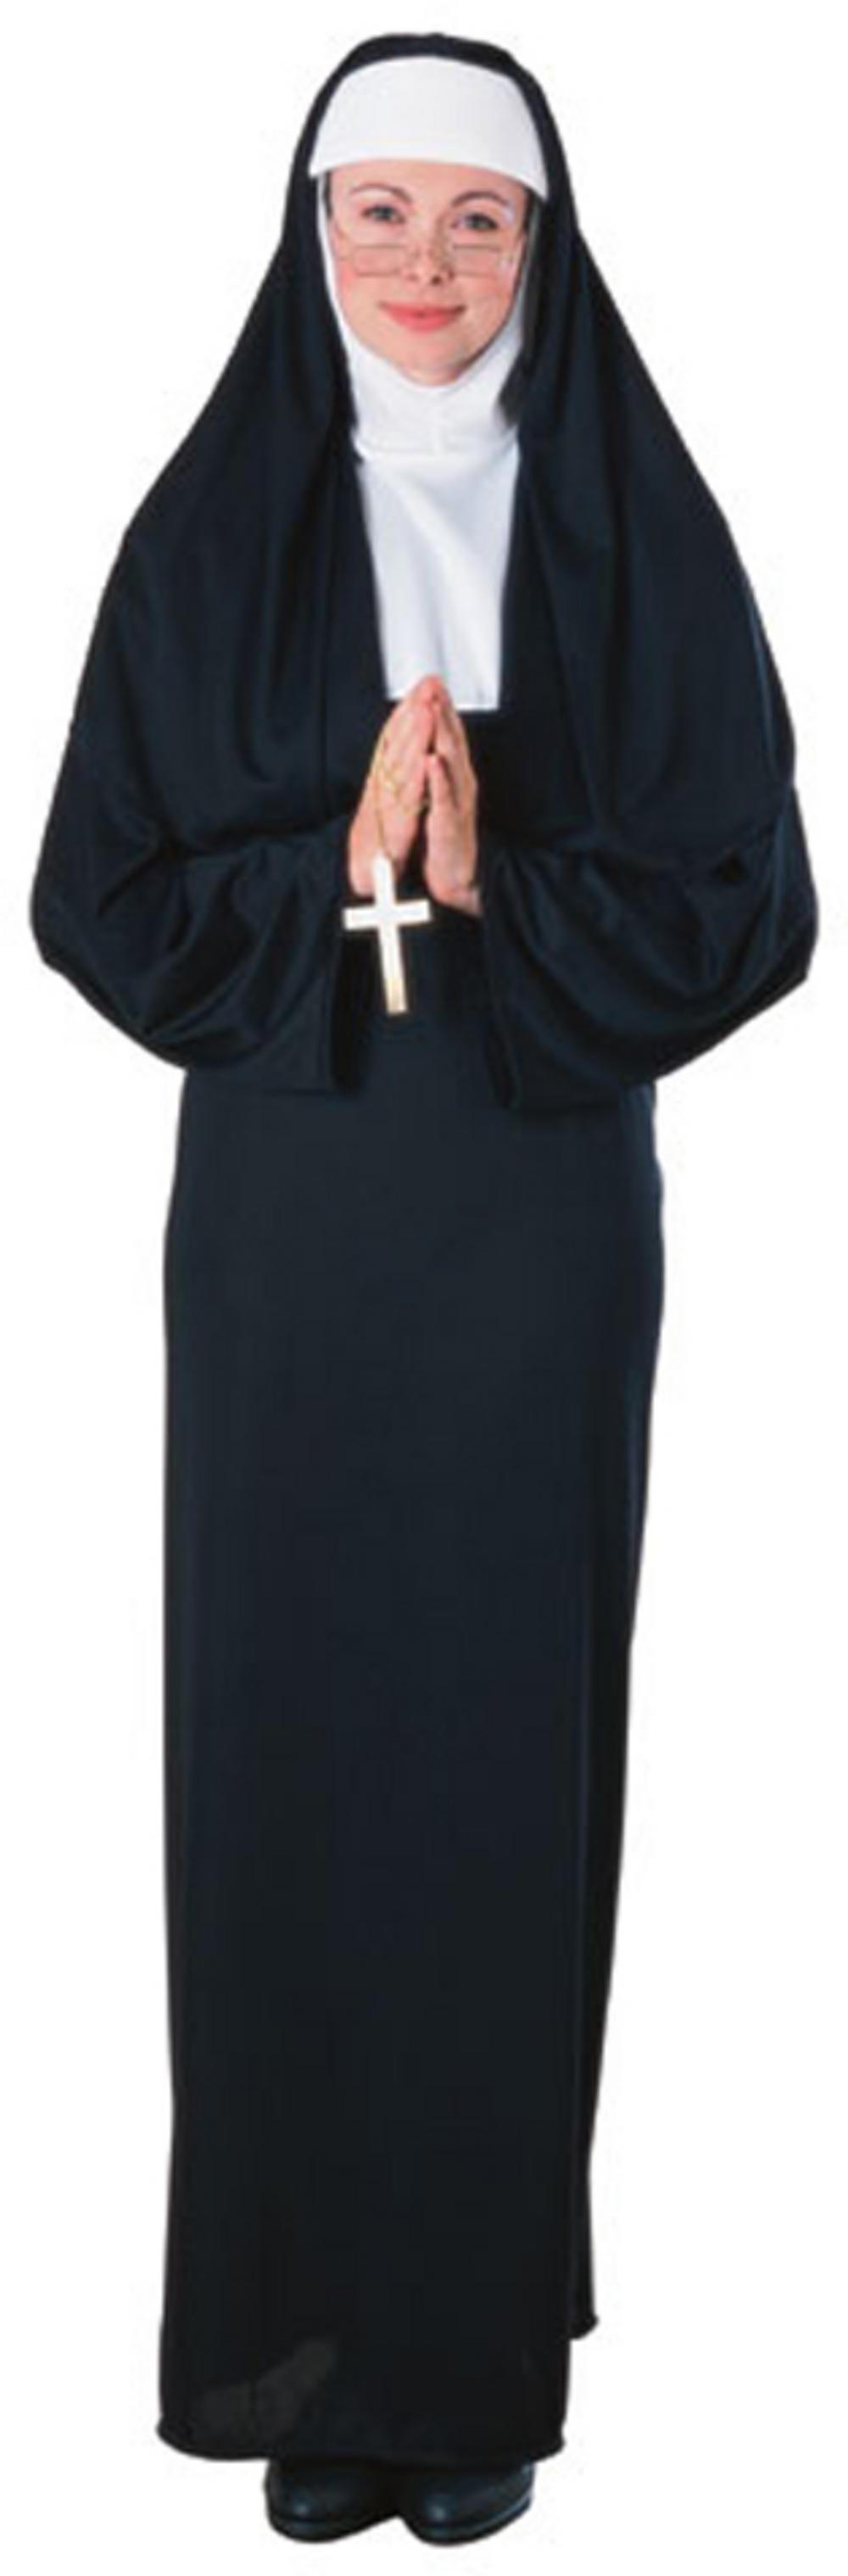 Nun Fancy Dress Costume